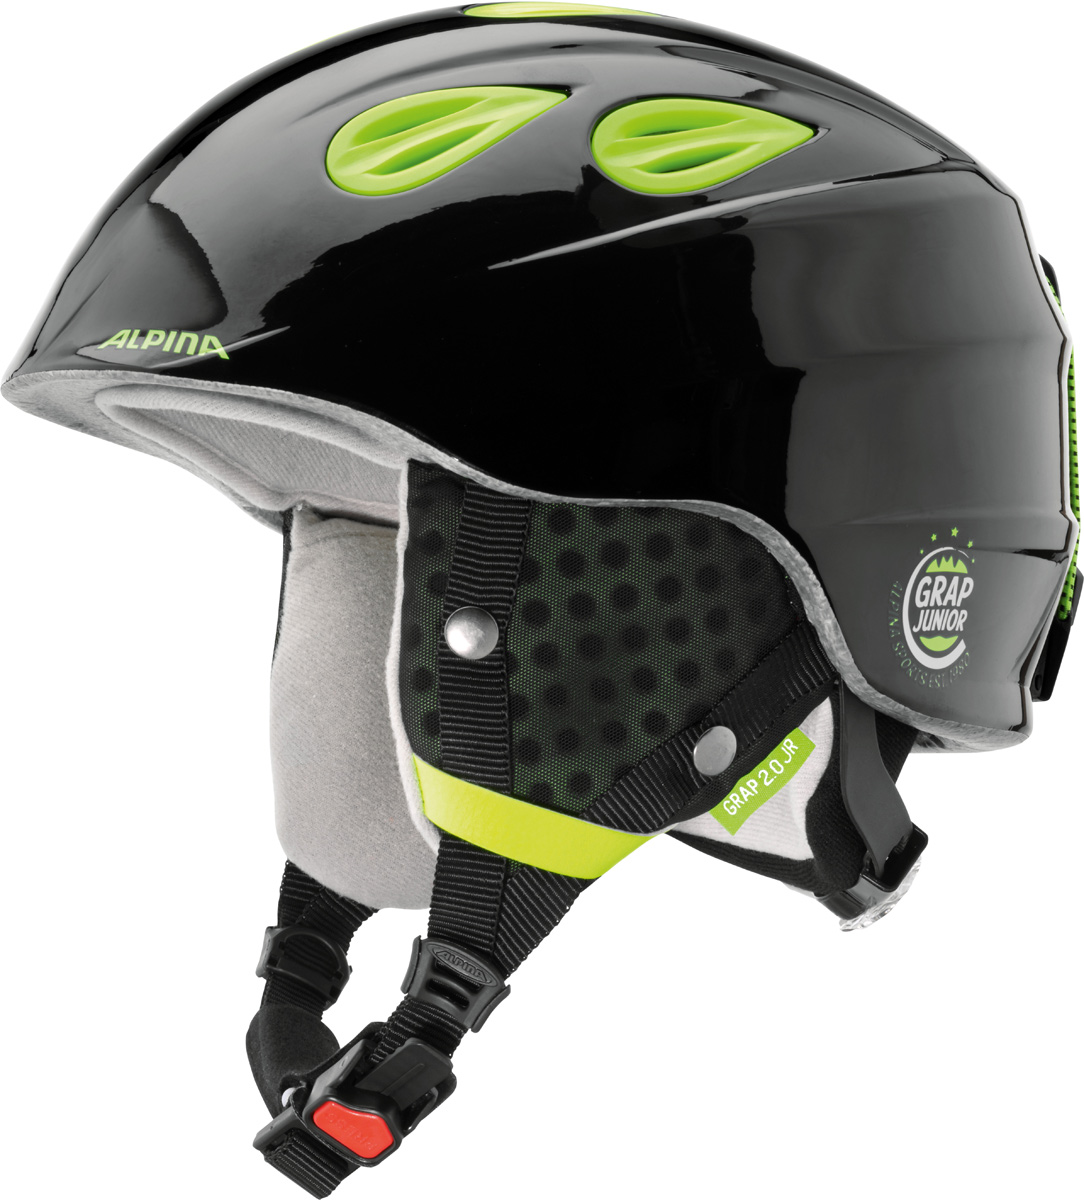 """Шлем горнолыжный Alpina """"Grap 2.0 JR"""", цвет: черный, желтый. A9086_35. Размер 51-54"""